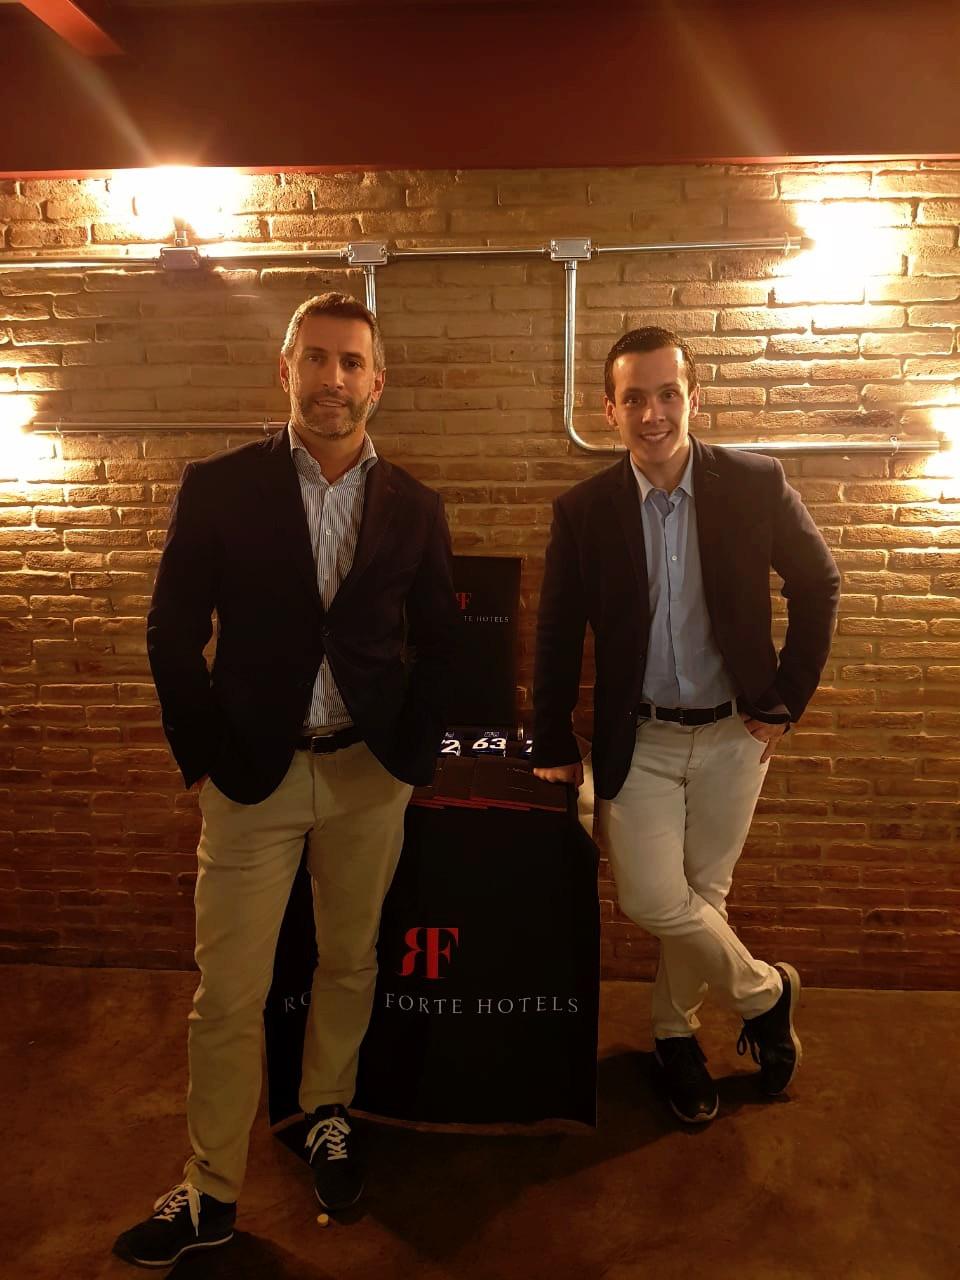 Cristian Bernardi e Stefano Parziale, da Bernardi Hotels & More, representante no Brasil da grife hoteleira Rocco Forte (Fotos: Claudia Tonaco)